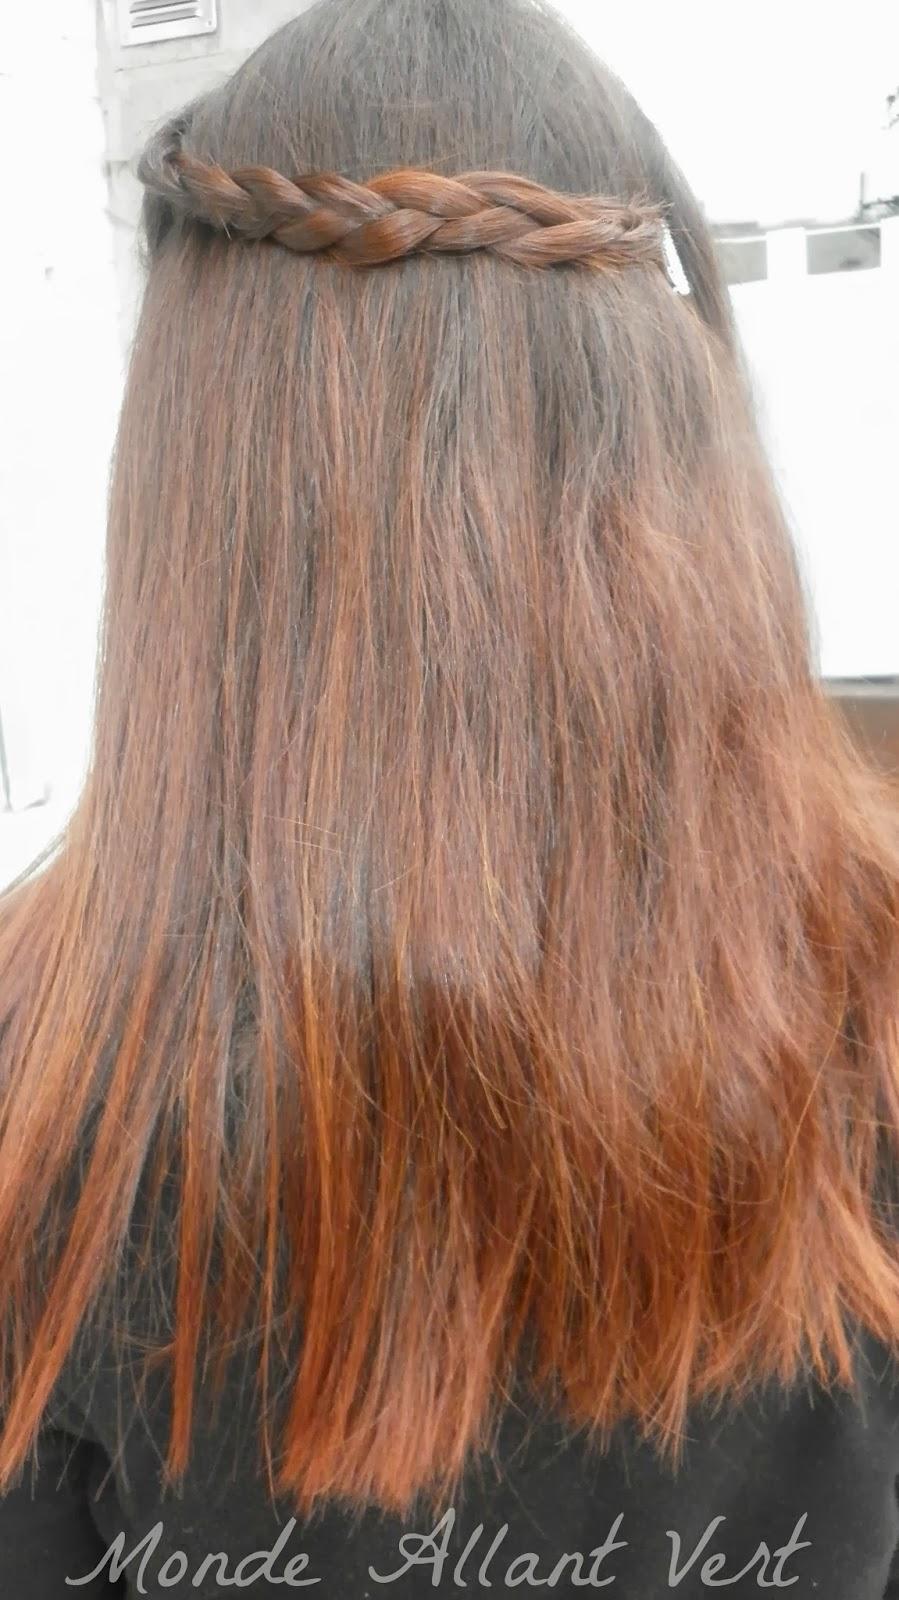 cette fois ci pour mon 3e henn jai voulu tester le henn du rajasthan lawsonia inermis henn baq couleur reflets roux acajou sur cheveux blancs - Coloration Henn Rouge